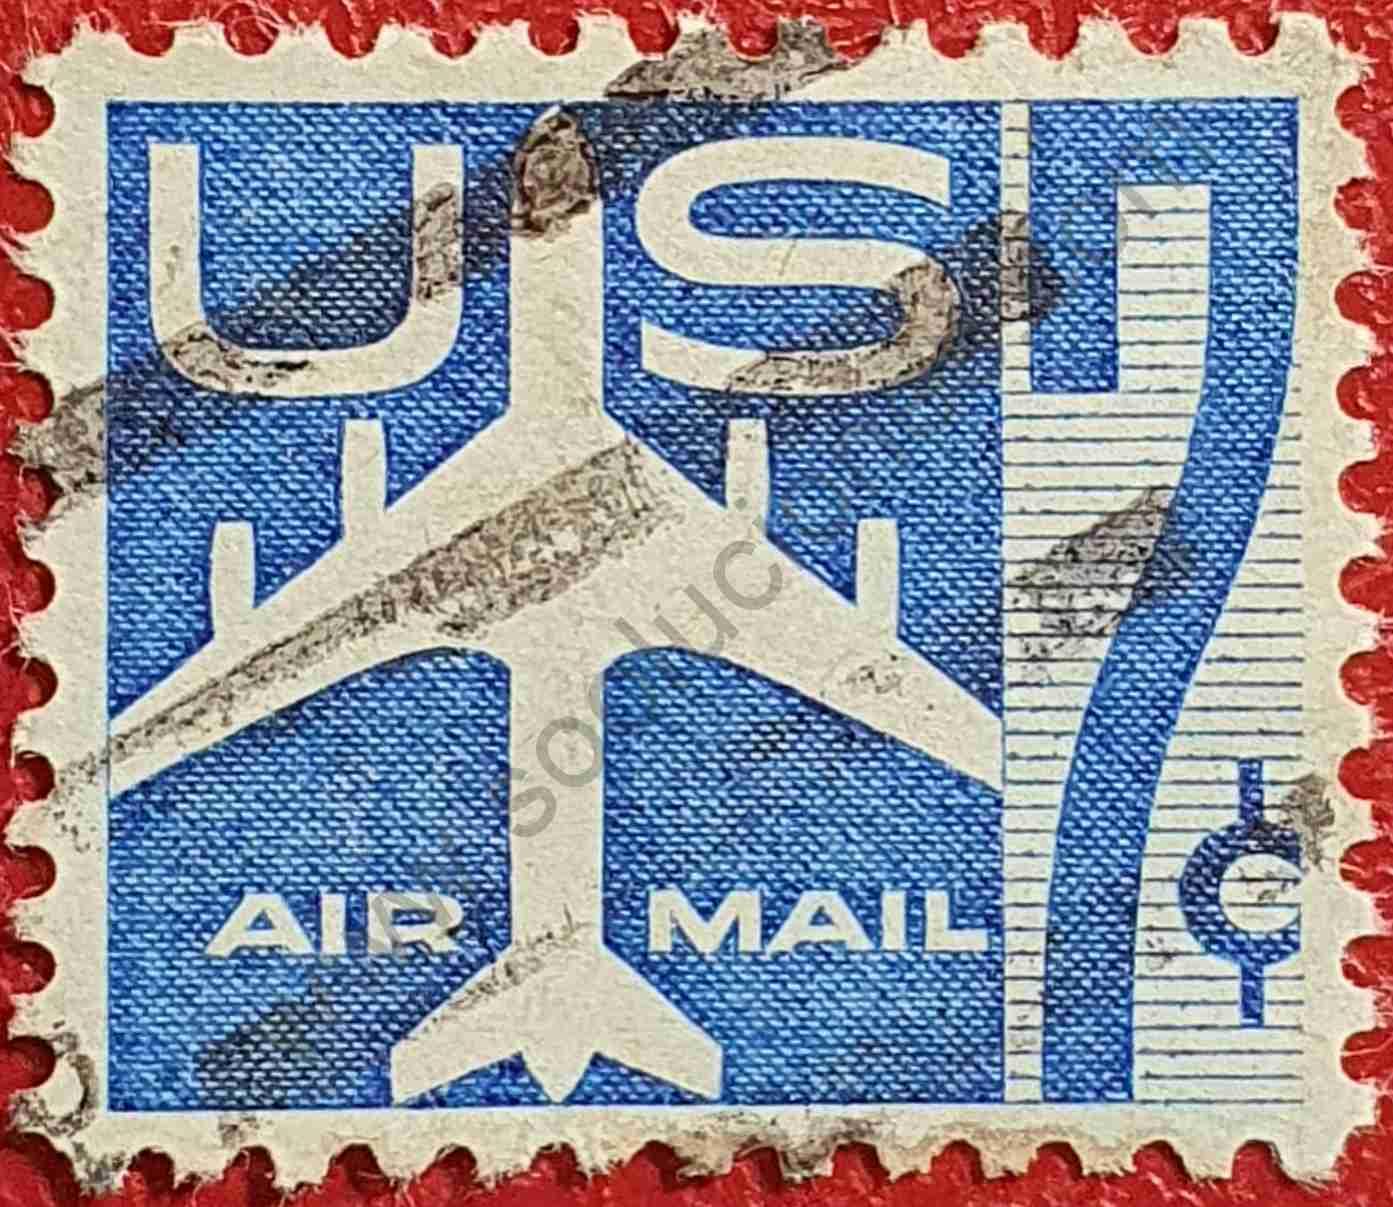 Silueta avión 7c - Sello Estados Unidos 1958